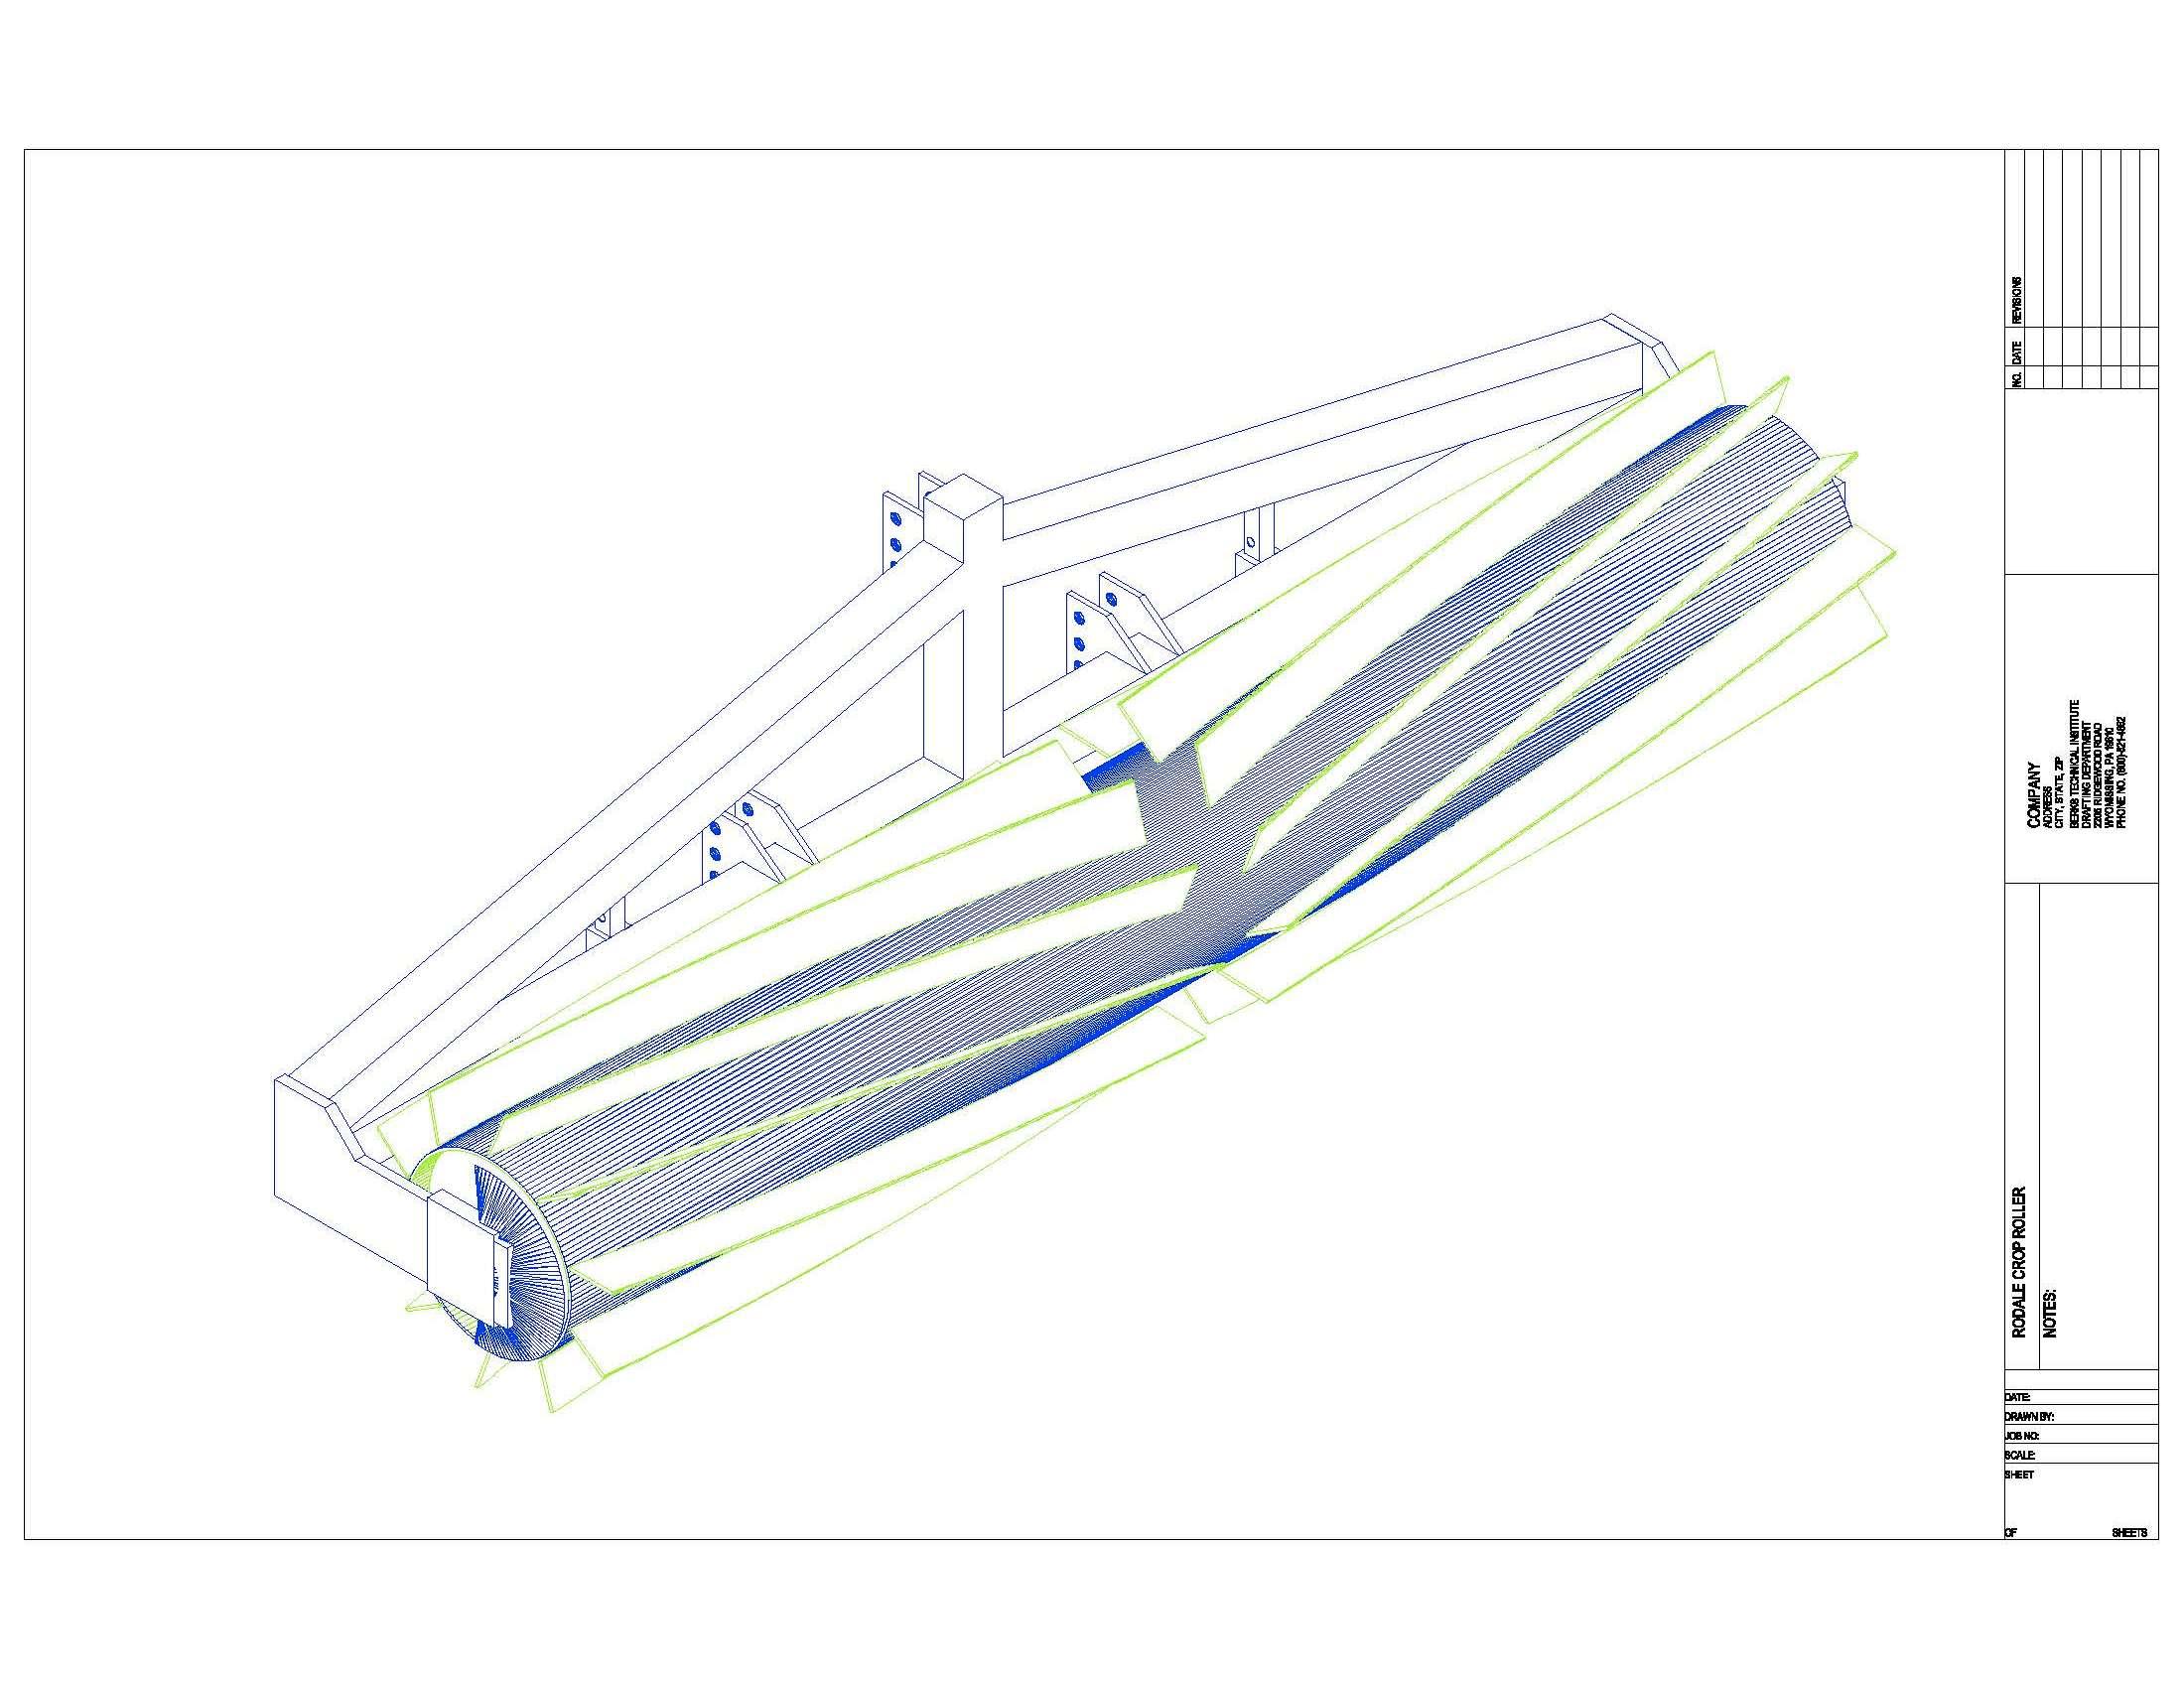 Fh ccr img03 c1 Main R+F 3D 1.jpg